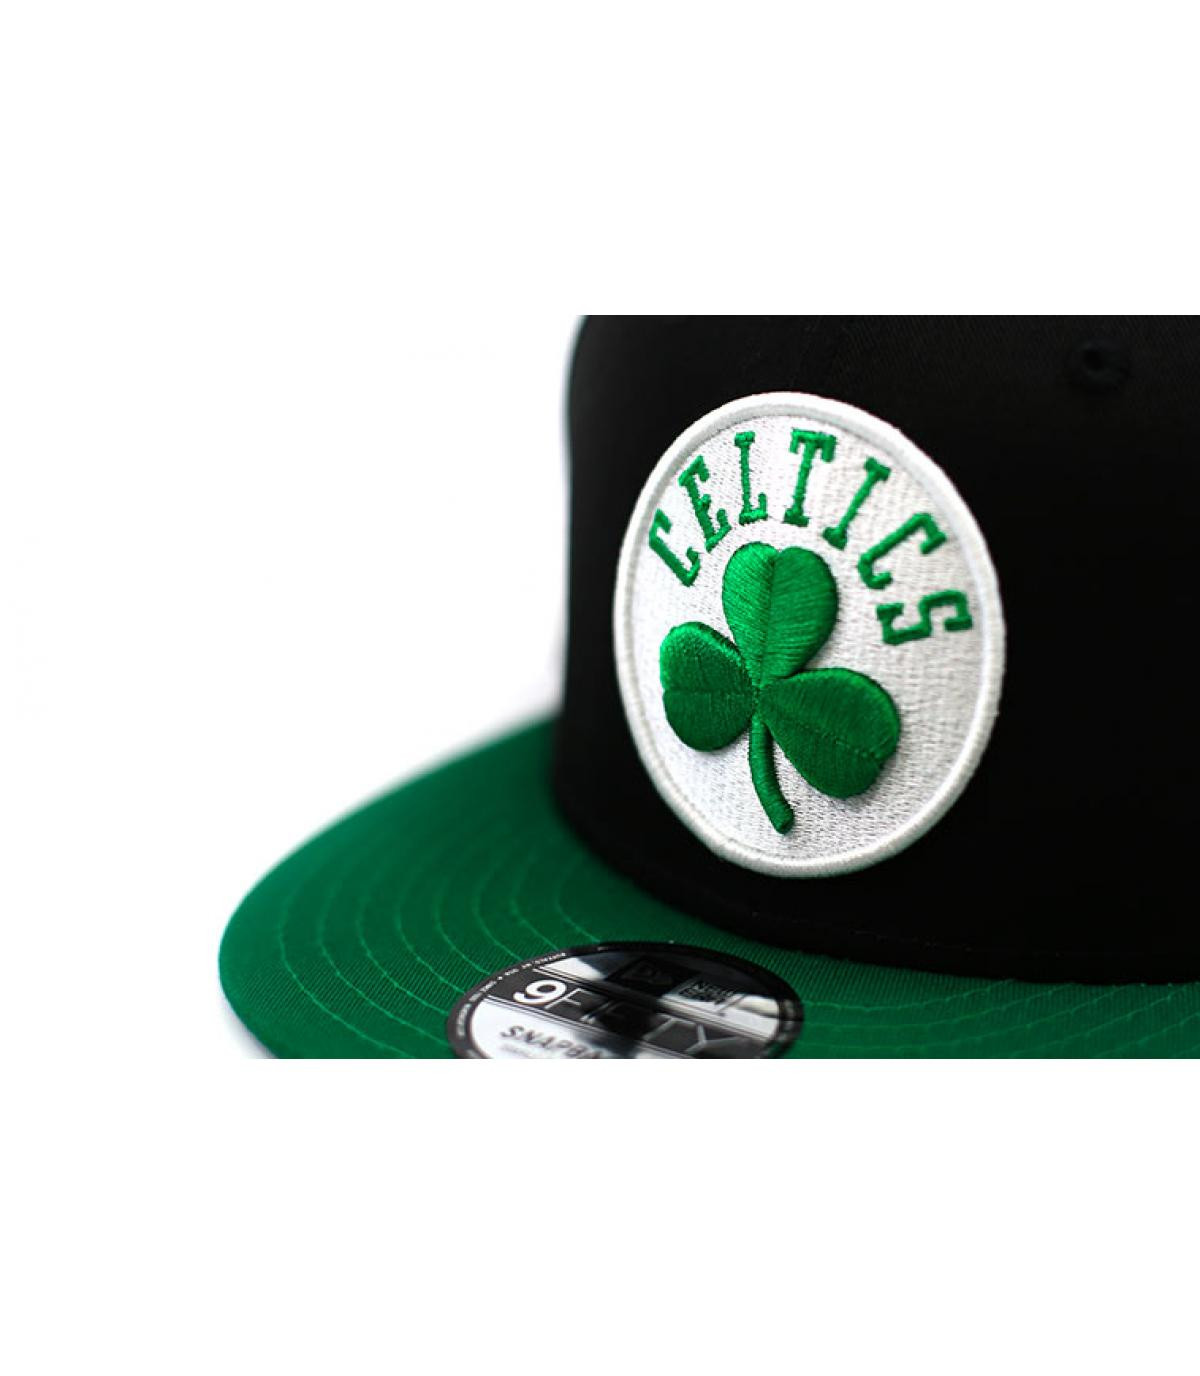 Détails Snapback NBA Celtics 950 - image 3